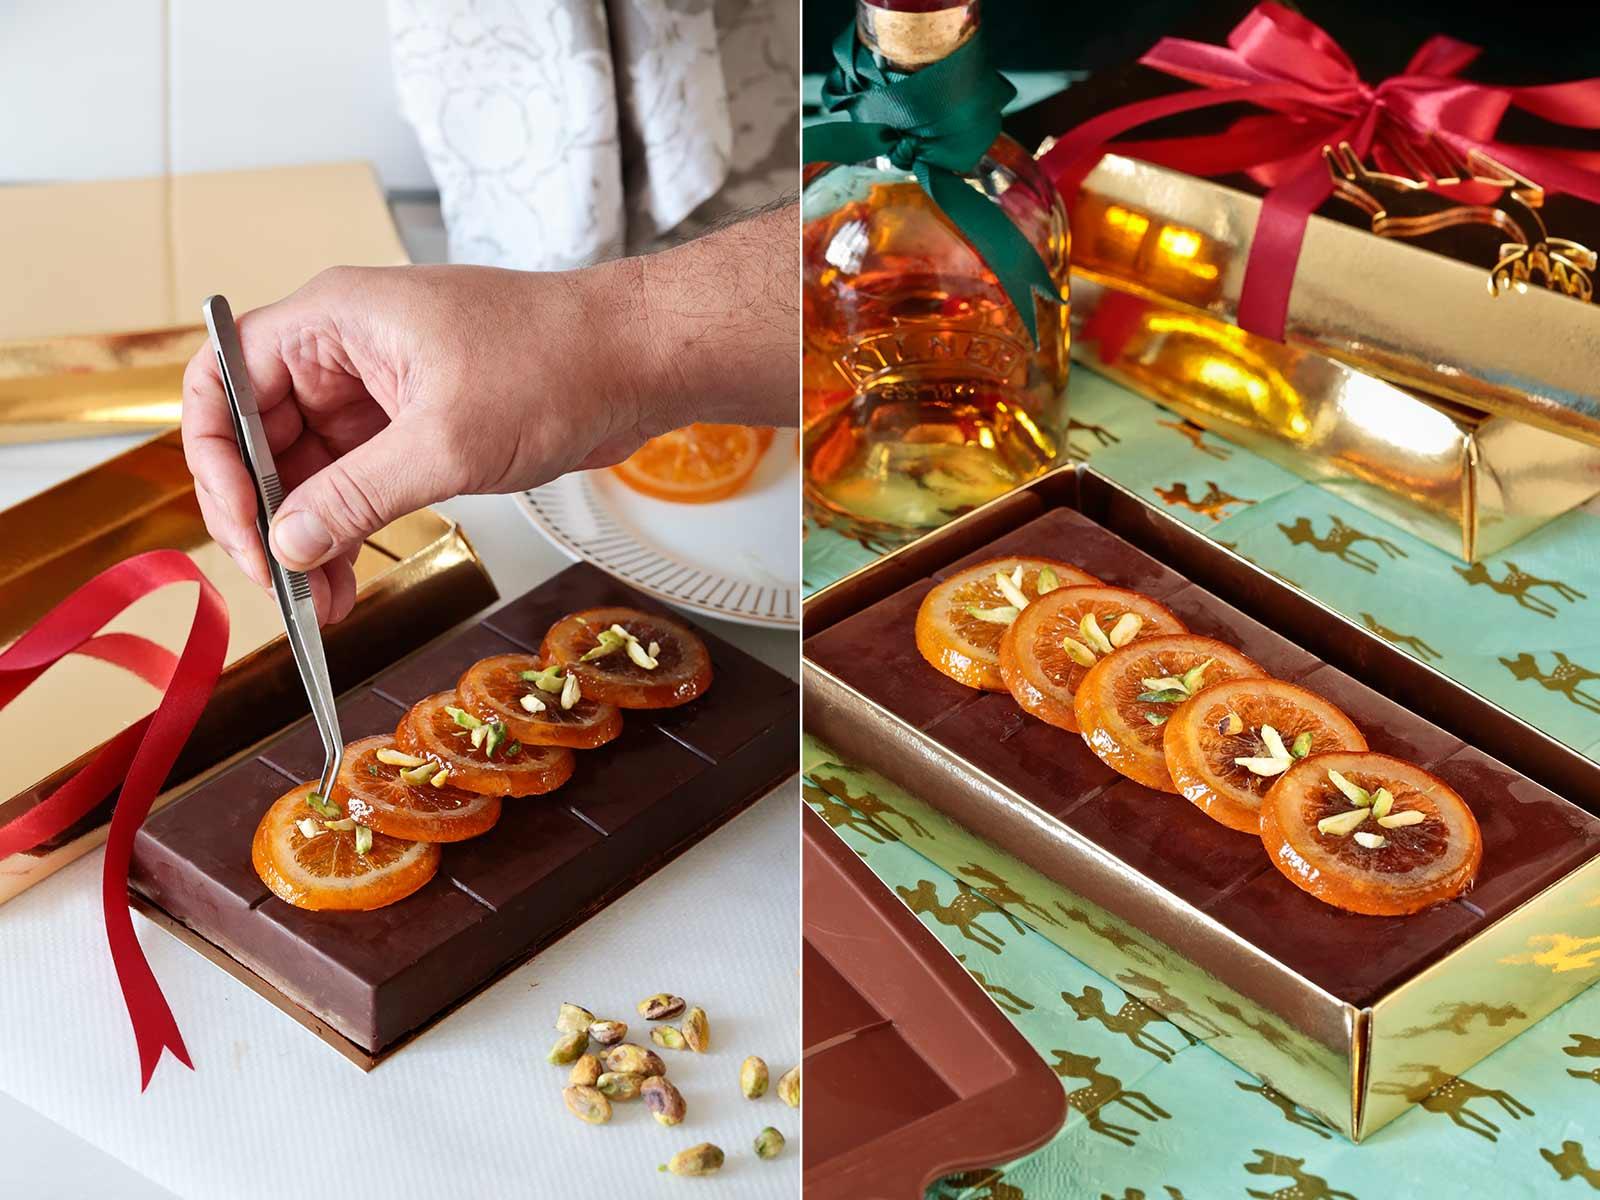 Receta turrón de chocolate y naranja